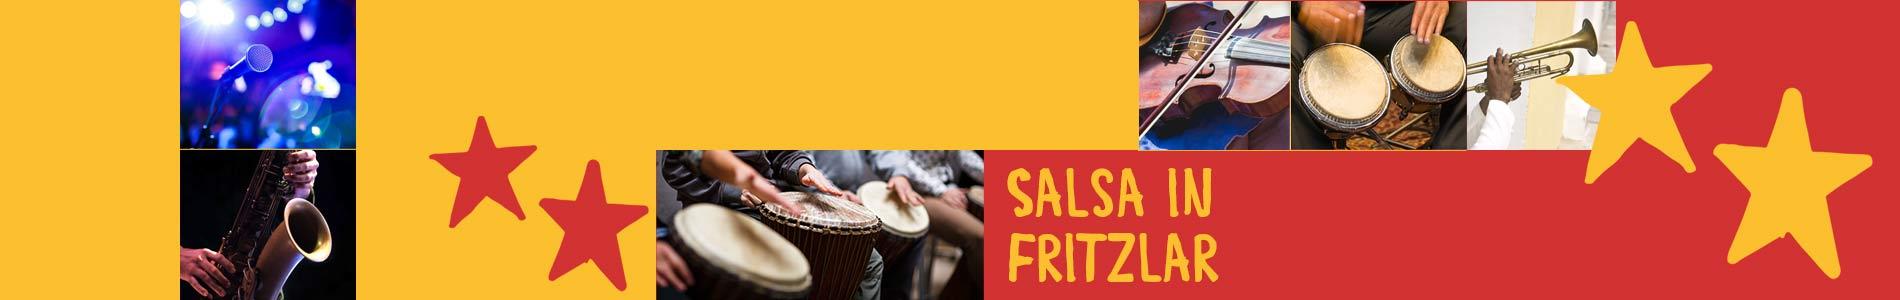 Salsa in Fritzlar – Salsa lernen und tanzen, Tanzkurse, Partys, Veranstaltungen